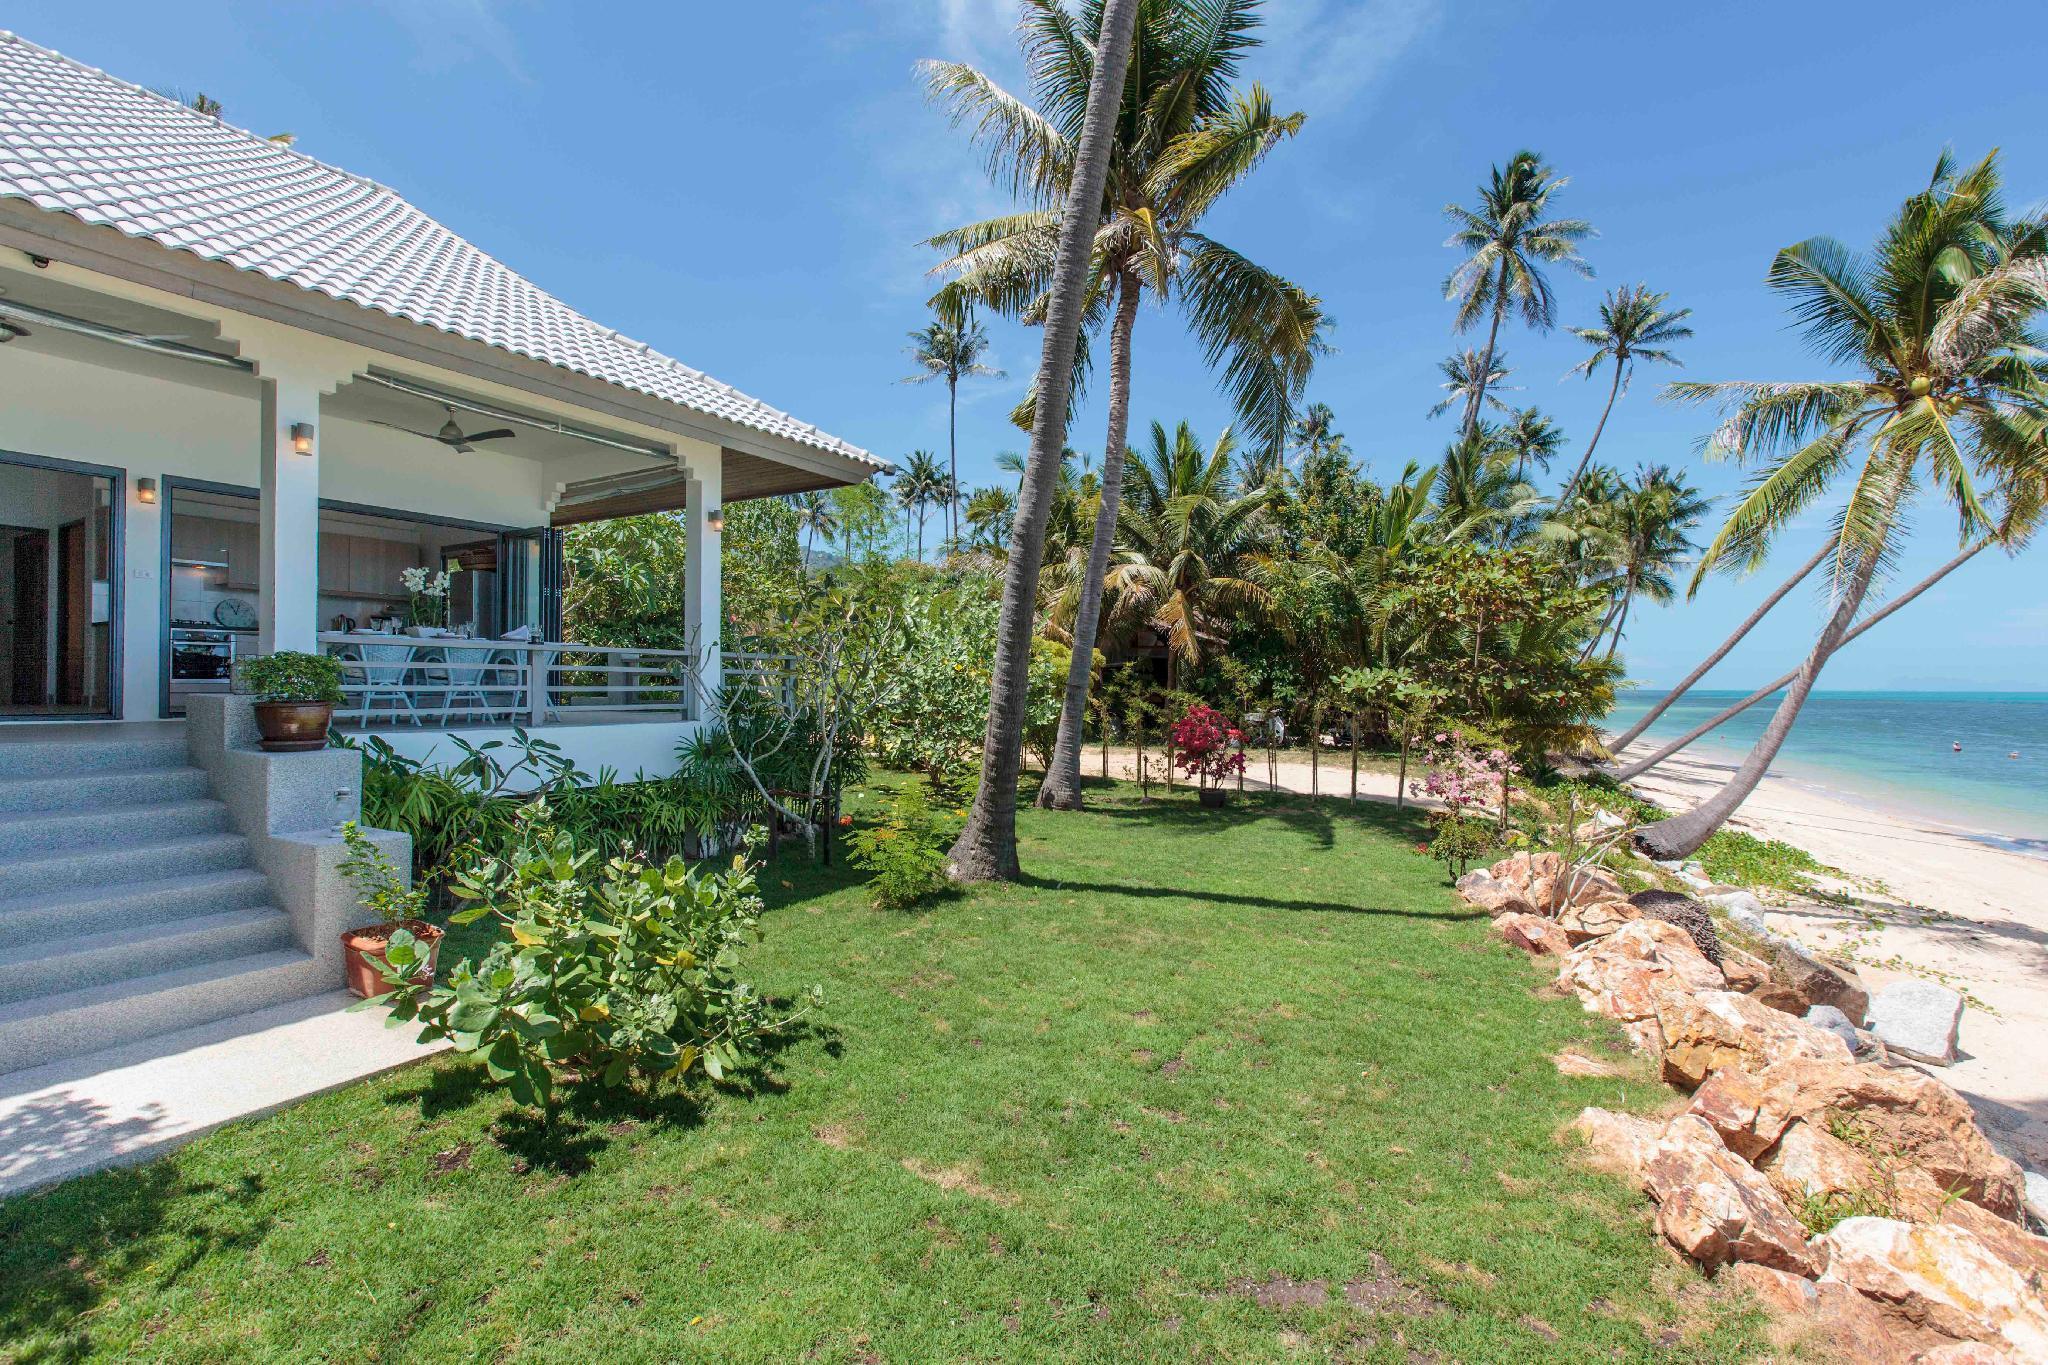 Tradewinds Beach Front House 2 BDRM Tradewinds Beach Front House 2 BDRM